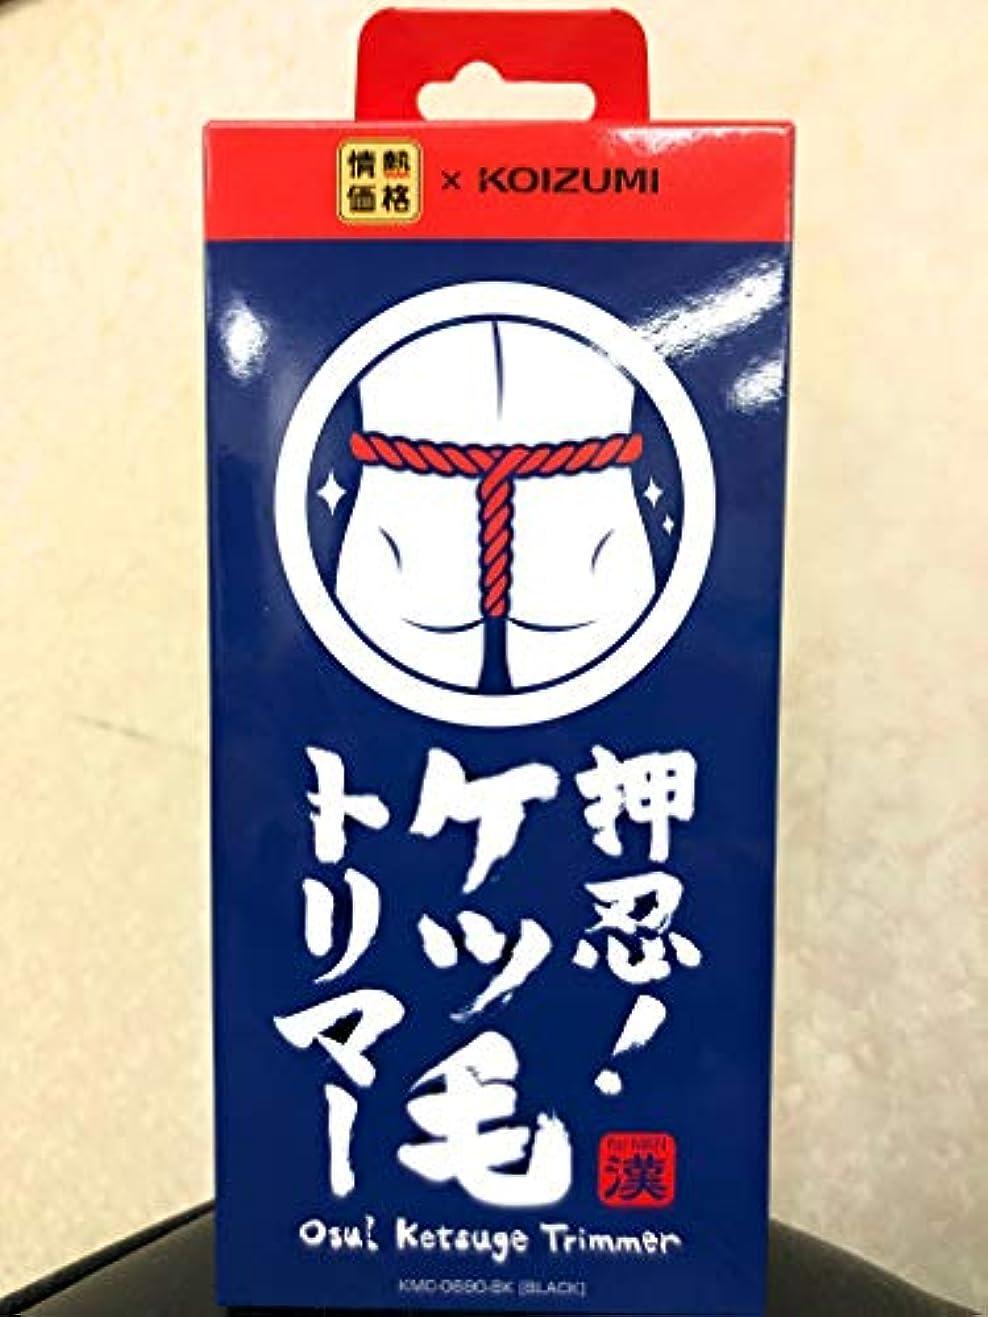 シルエット海里レオナルドダKOIZUMI 押忍!ケツ毛トリマー LEDライト搭載 KMC-0690-BK for MEN